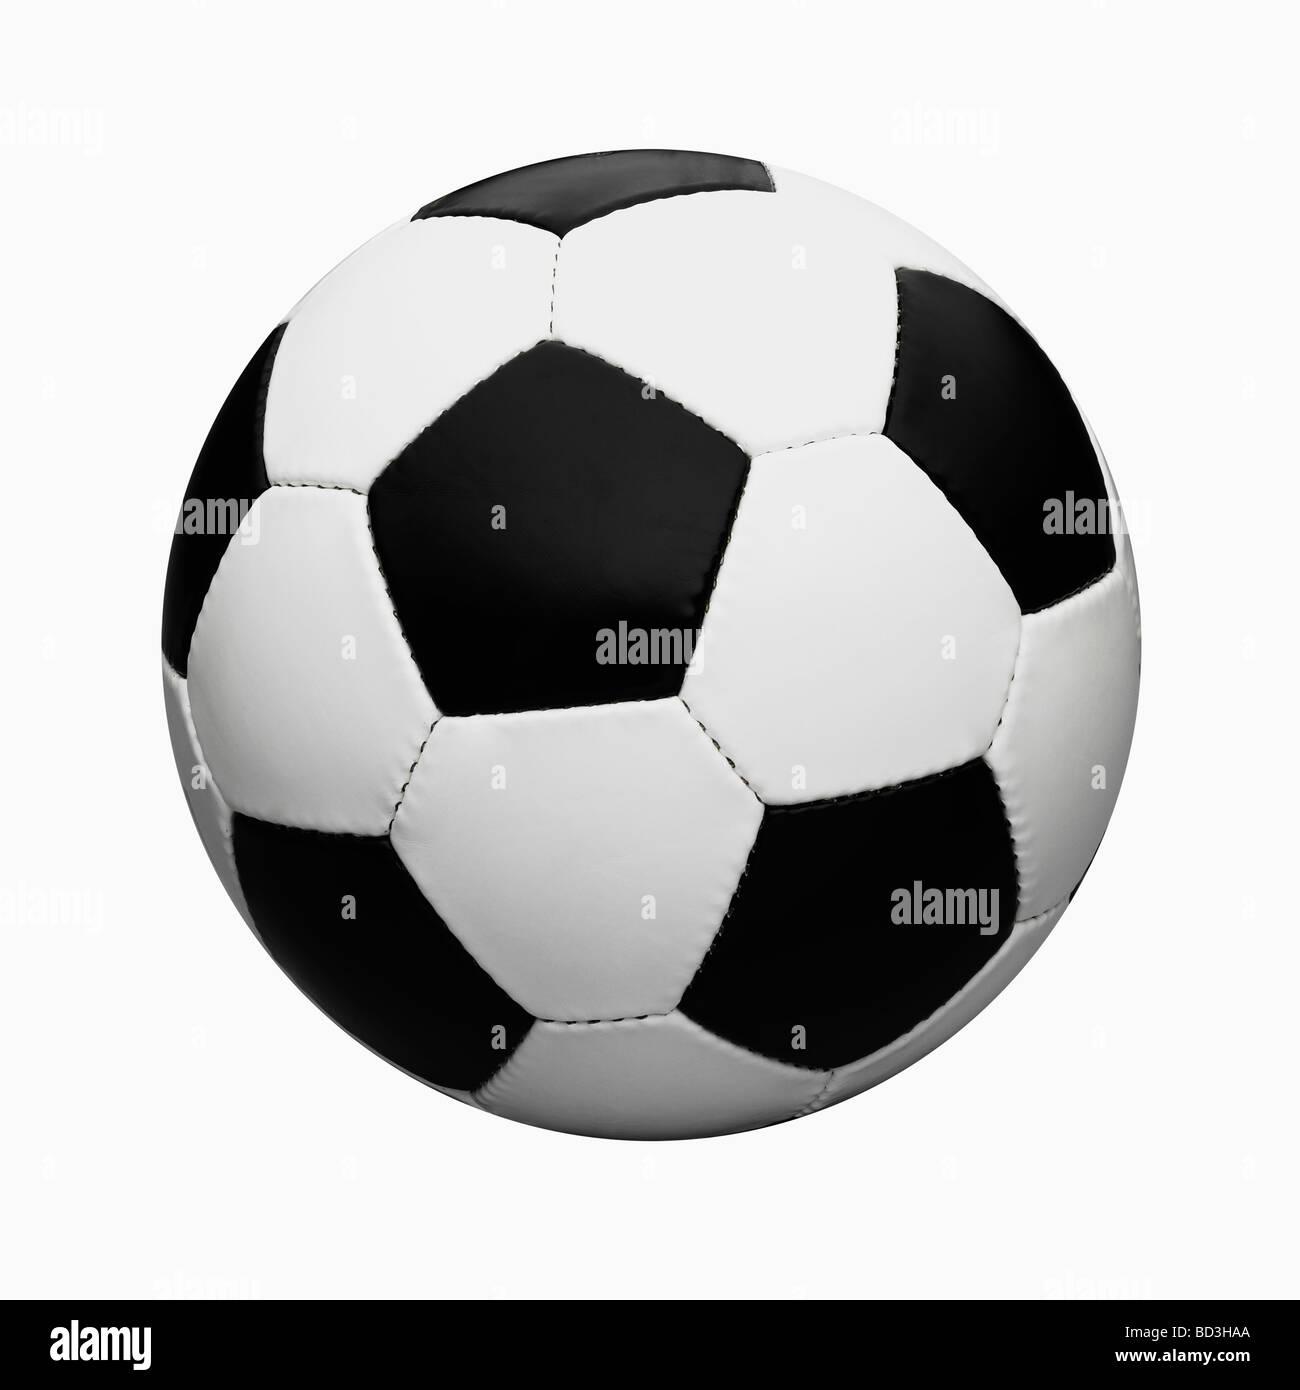 In bianco e nero in pelle / Calcio Pallone da calcio Ritagliata su sfondo bianco. Immagini Stock